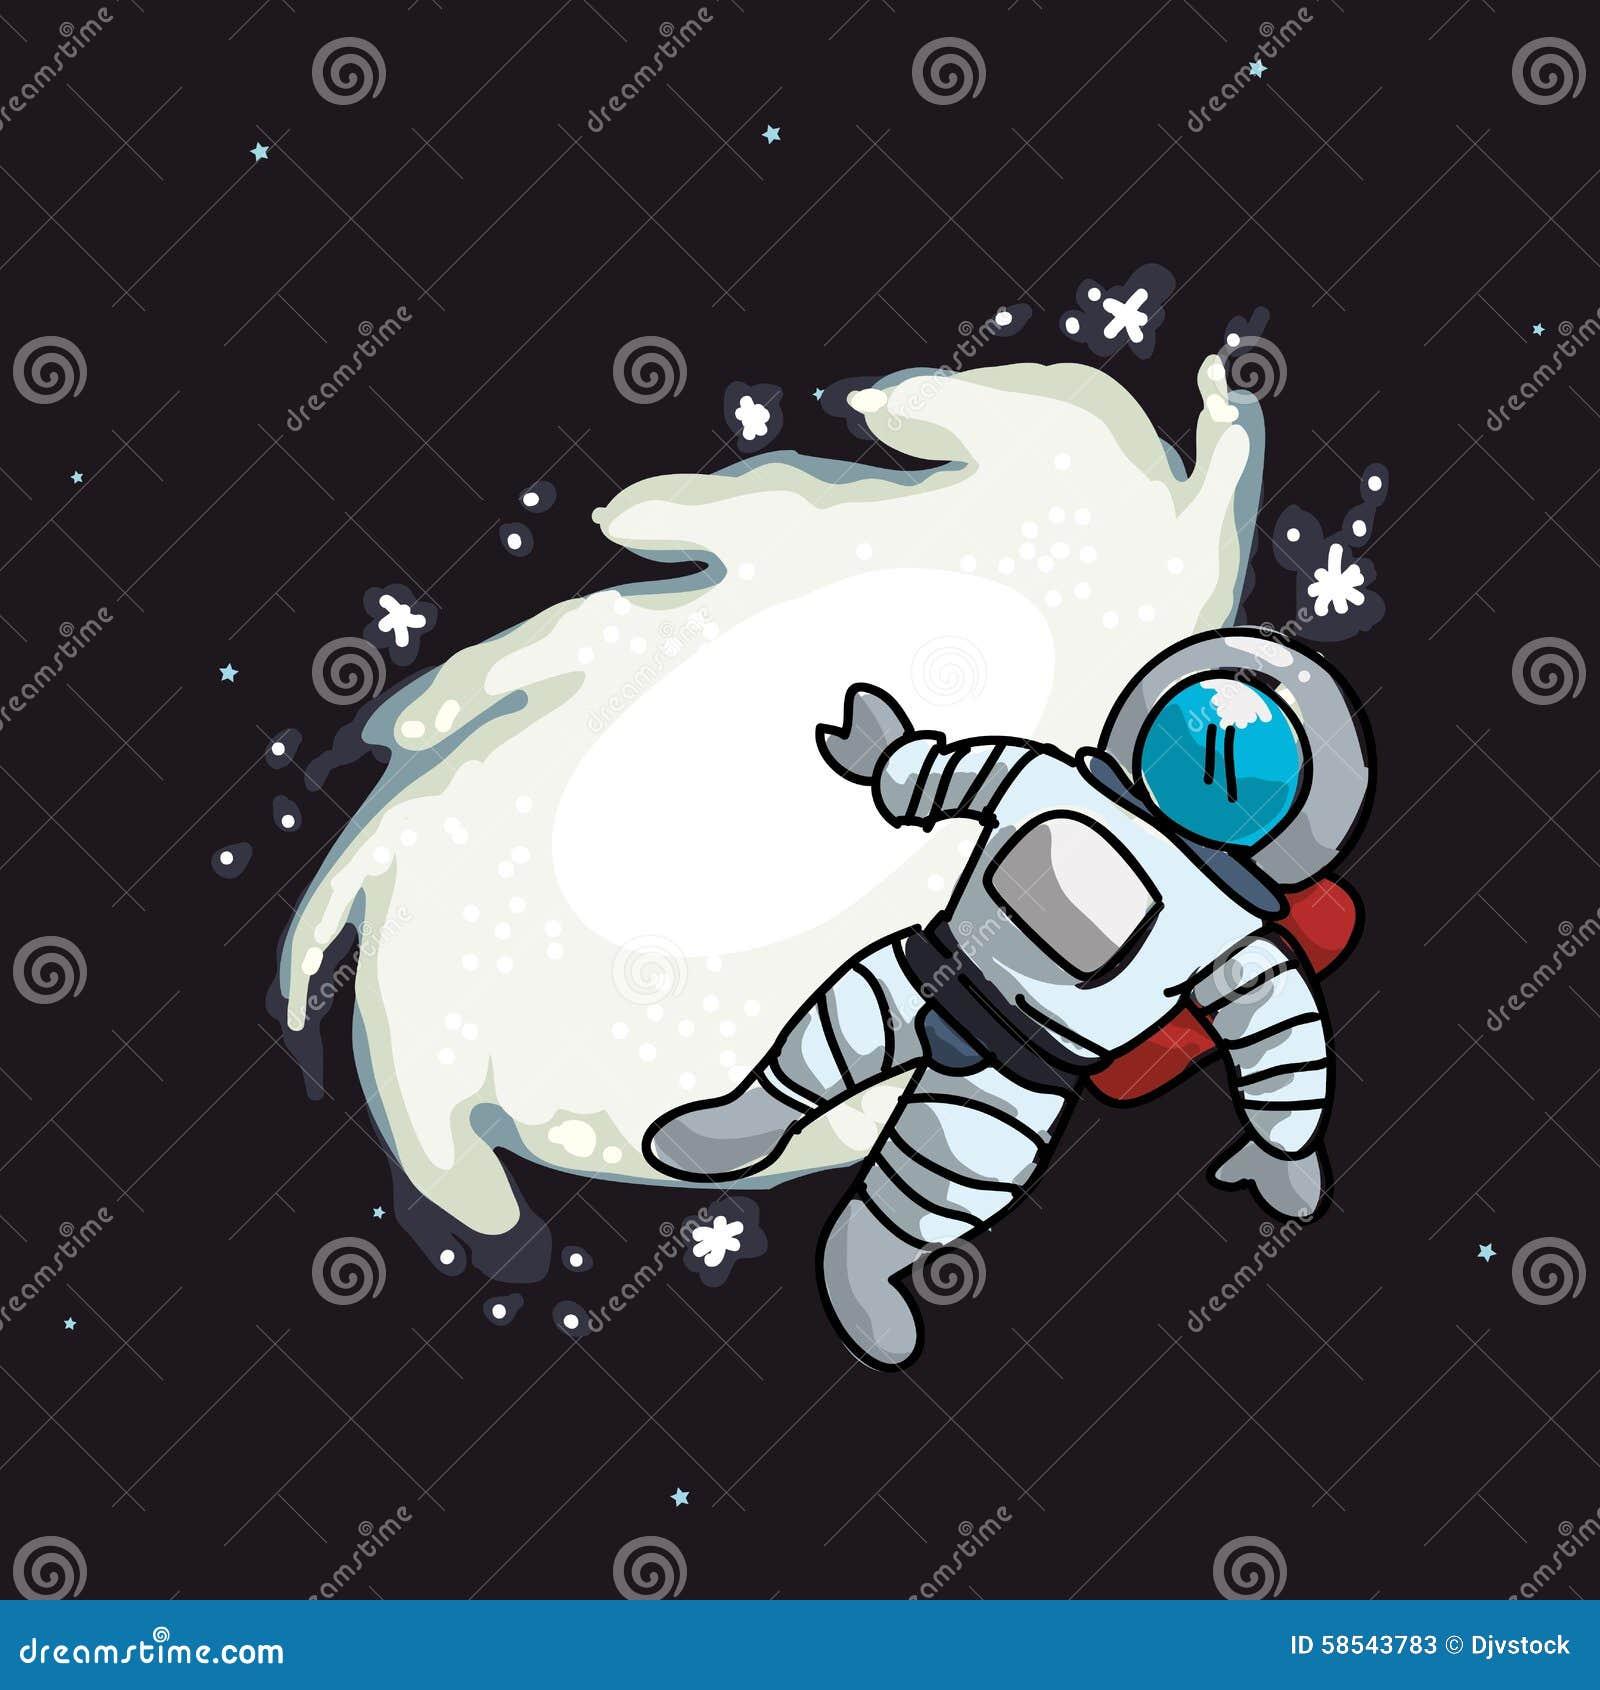 astronaut design - photo #39